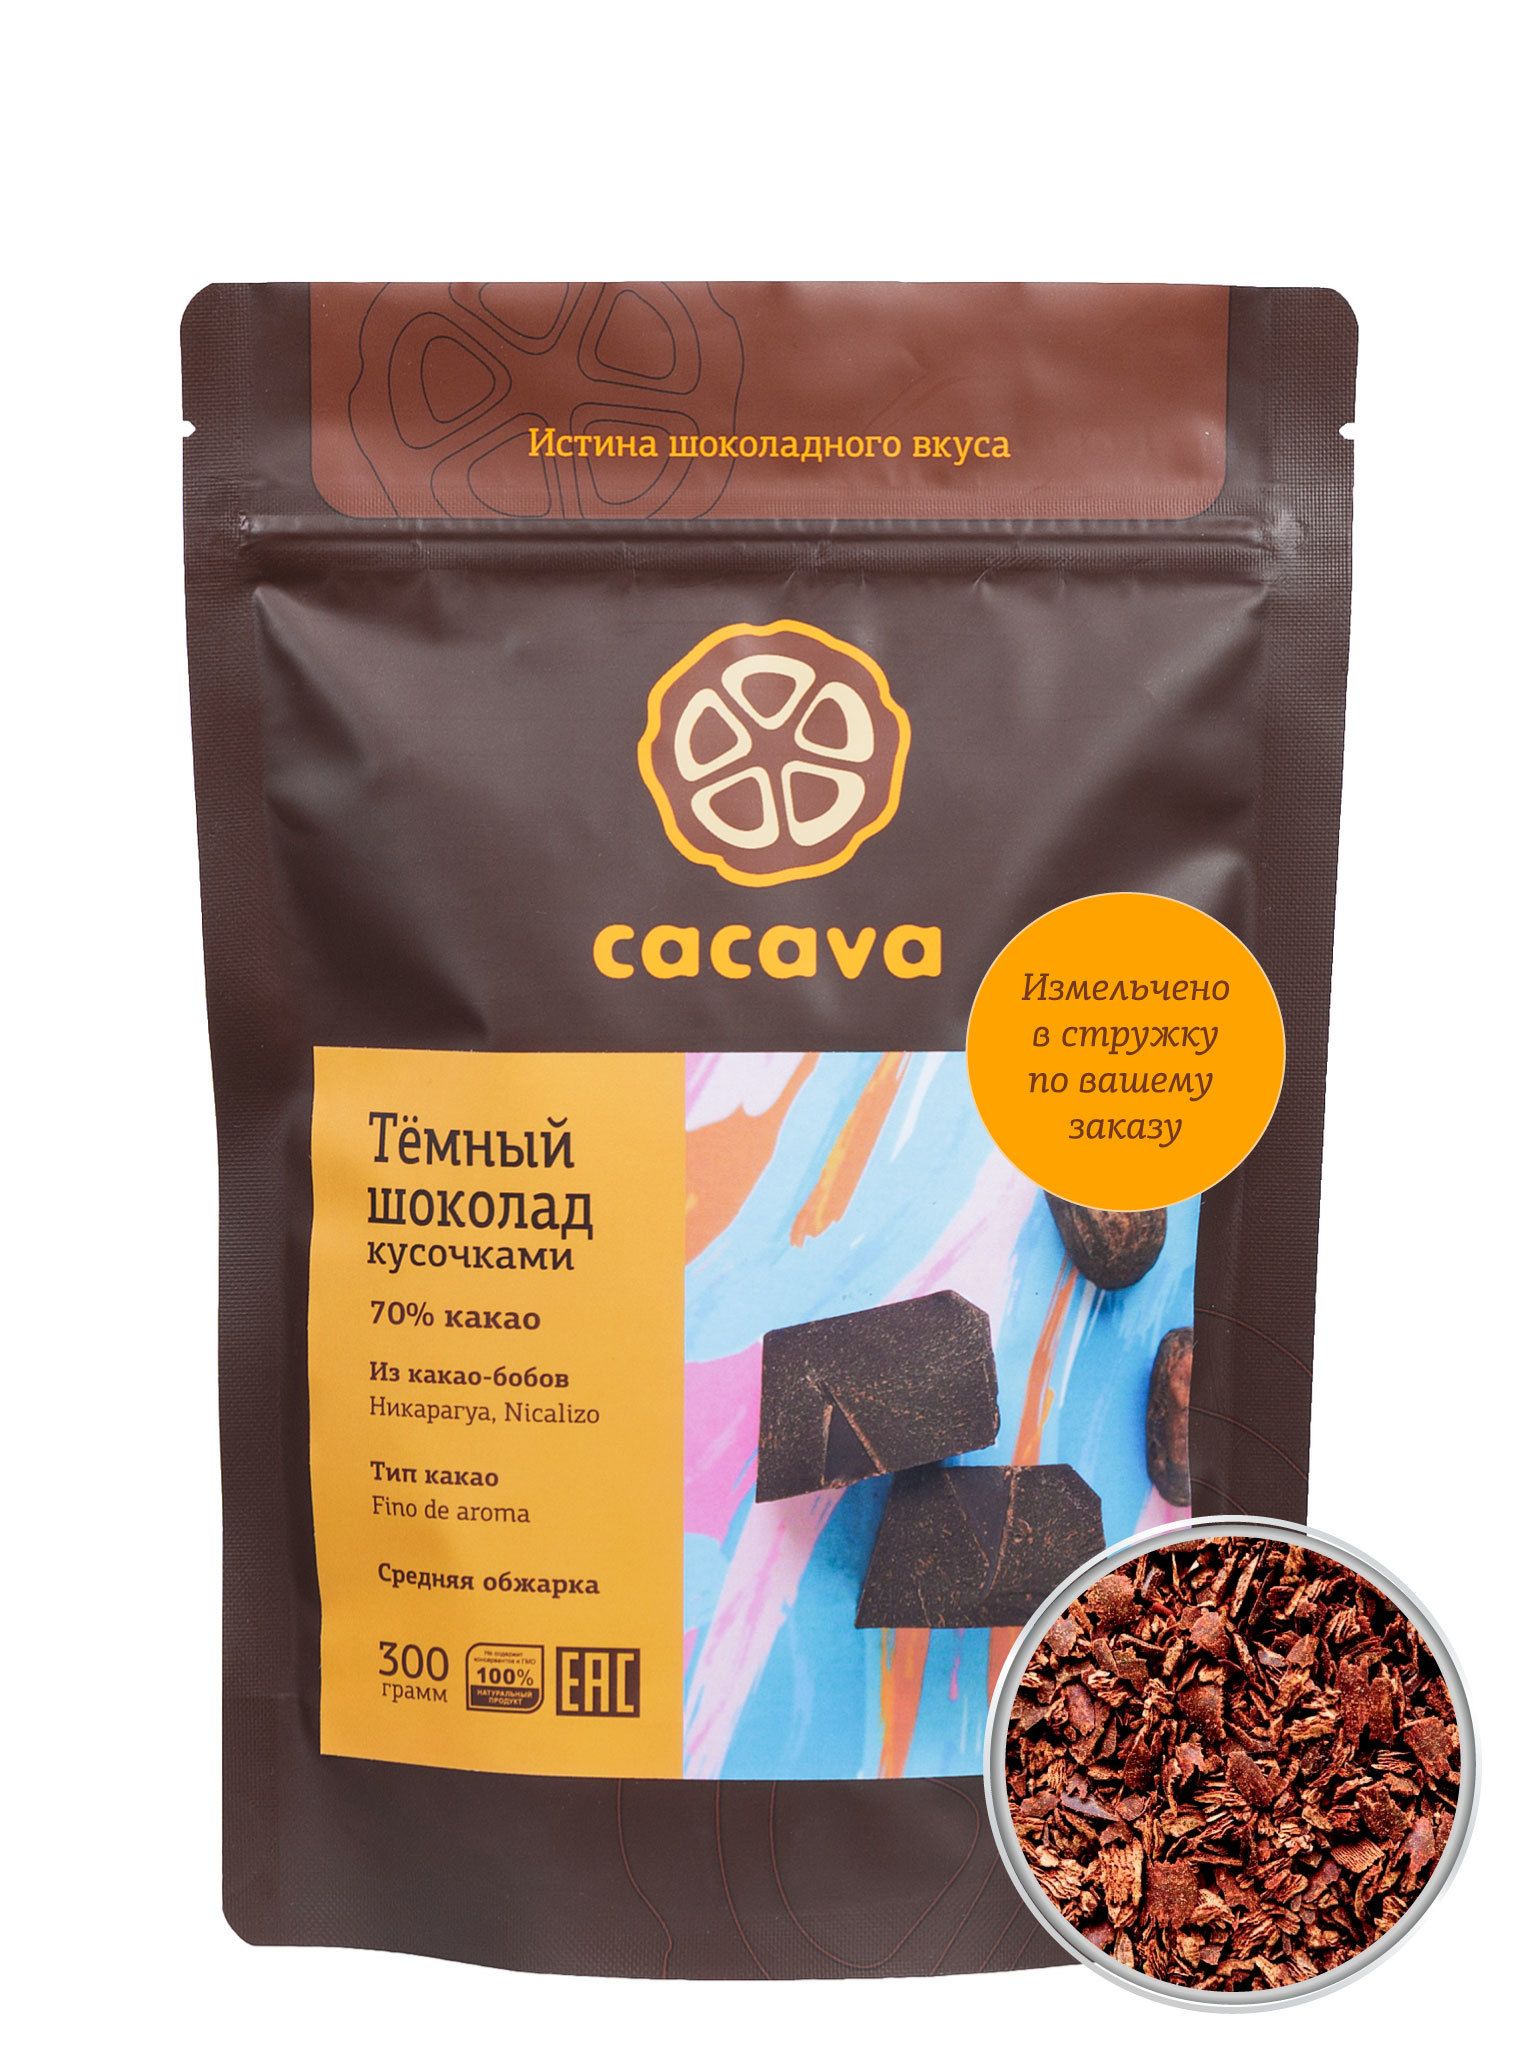 Тёмный шоколад 70 % какао в стружке (Никарагуа, Nicalizo), упаковка 300 грамм